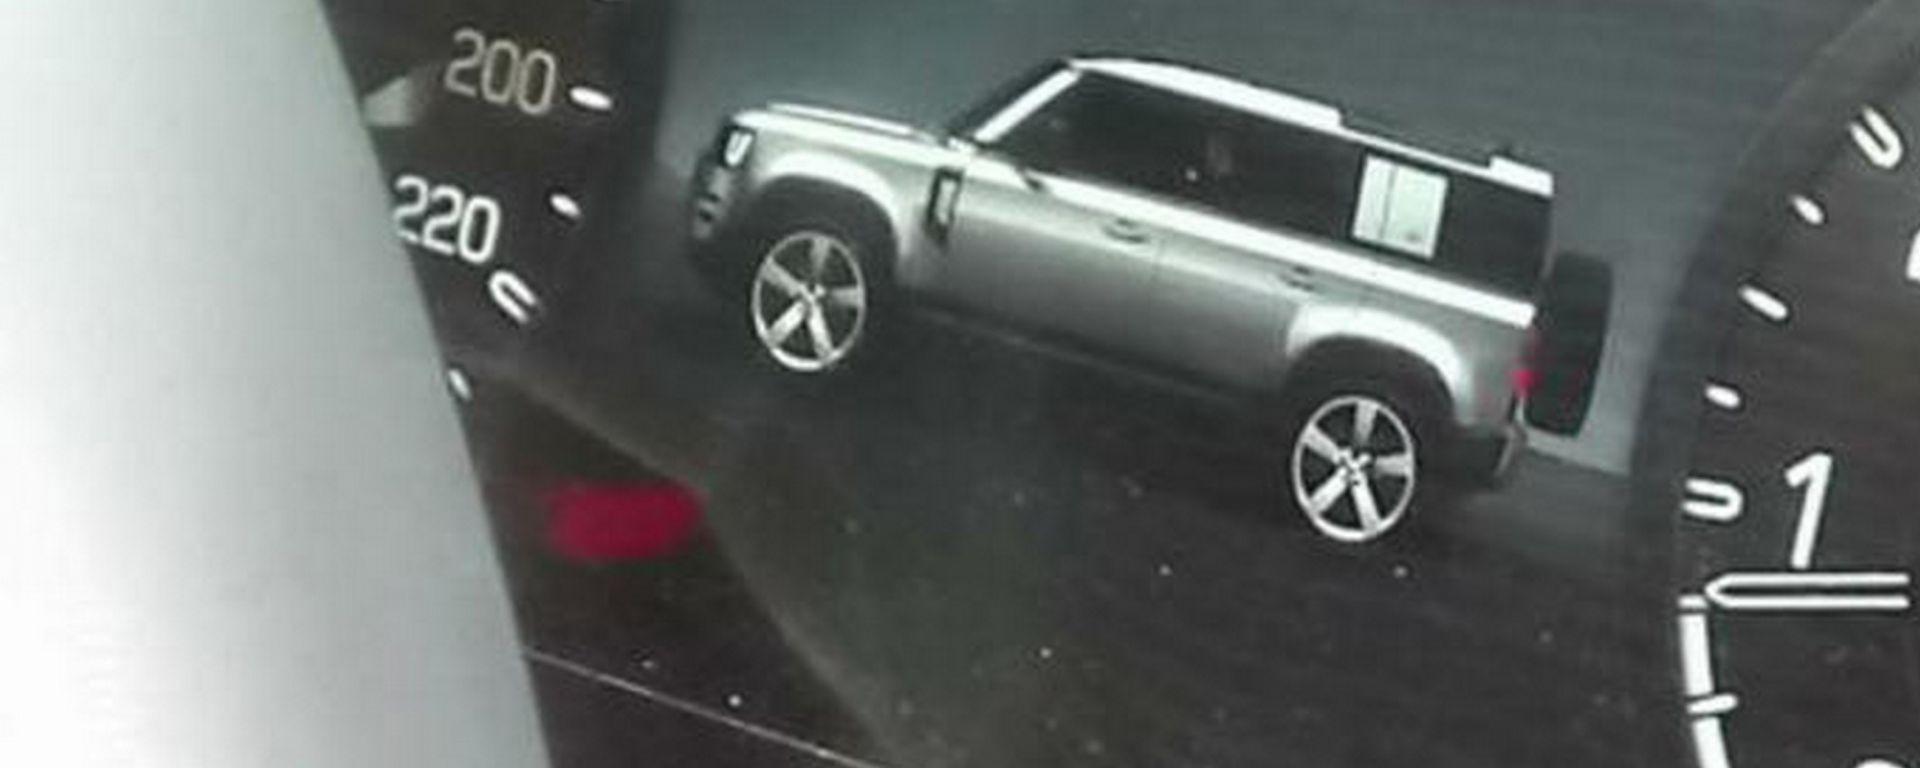 Nuovo Land Rover Defender, ecco come è fatta dall'immagine sul display